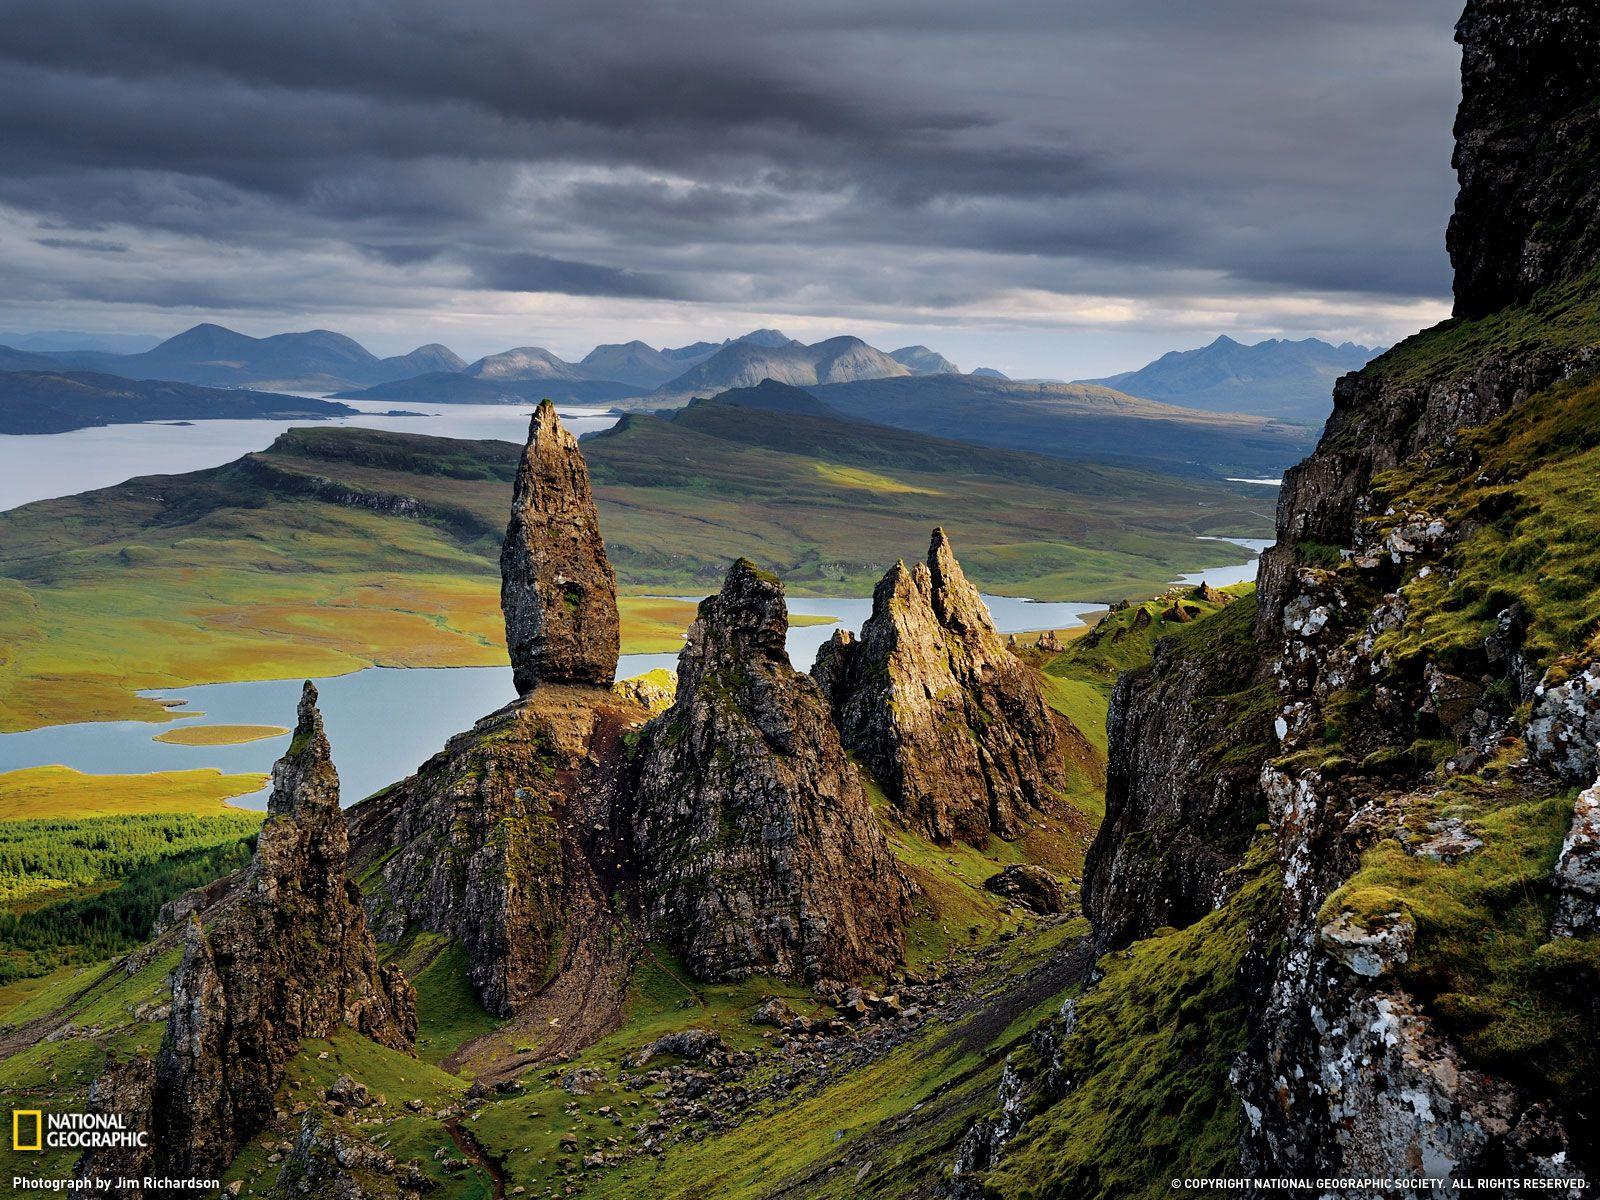 الطبيعة الساحرة أدنبرة بأسكتلندا